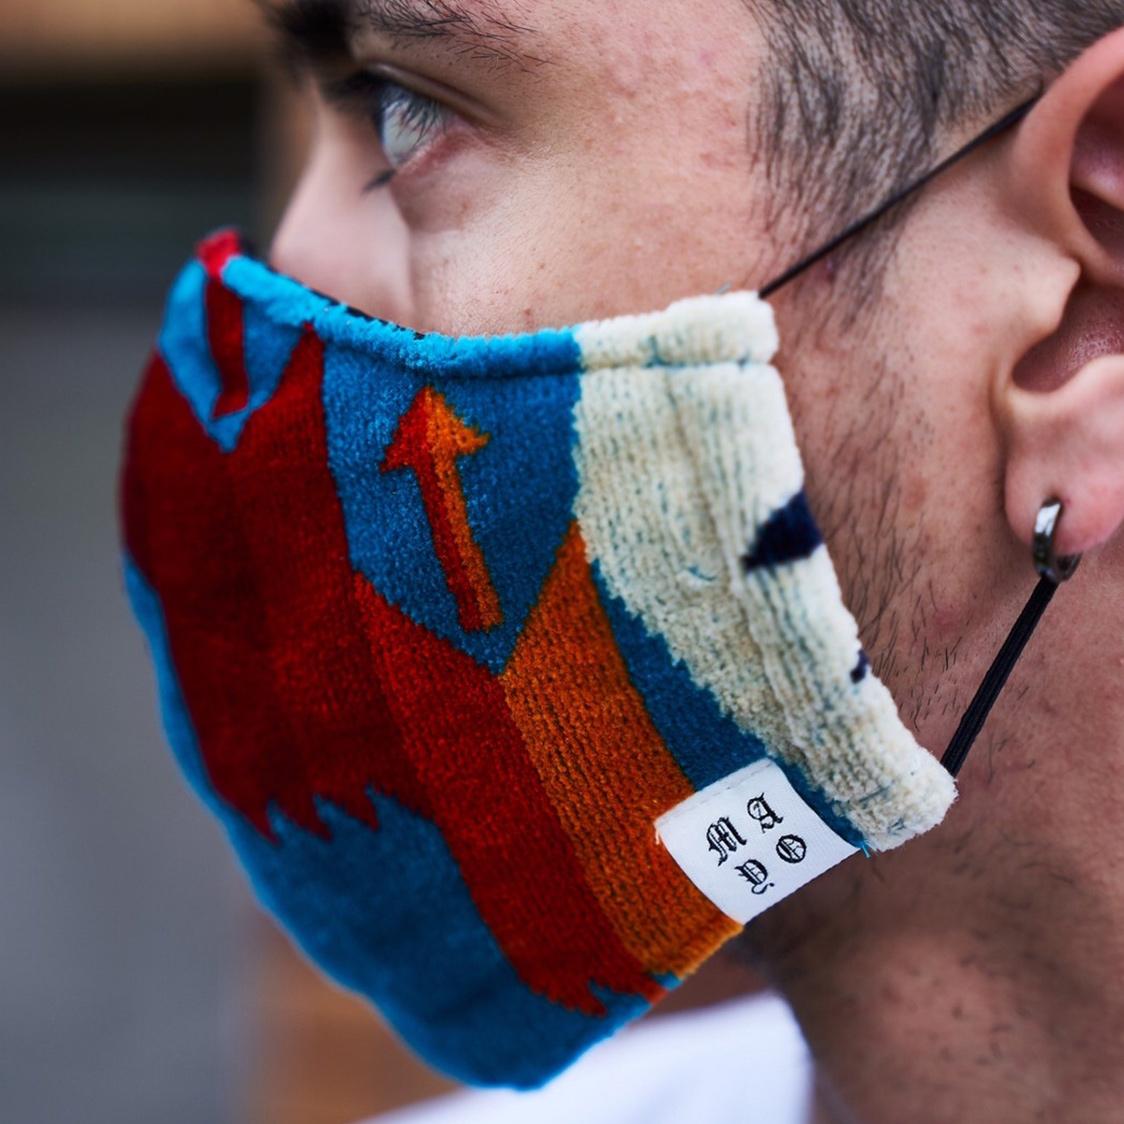 新品 MAYO メイヨー Rebuilding mask pendleton 再構築 ペンドルトン マスク ターコイズ